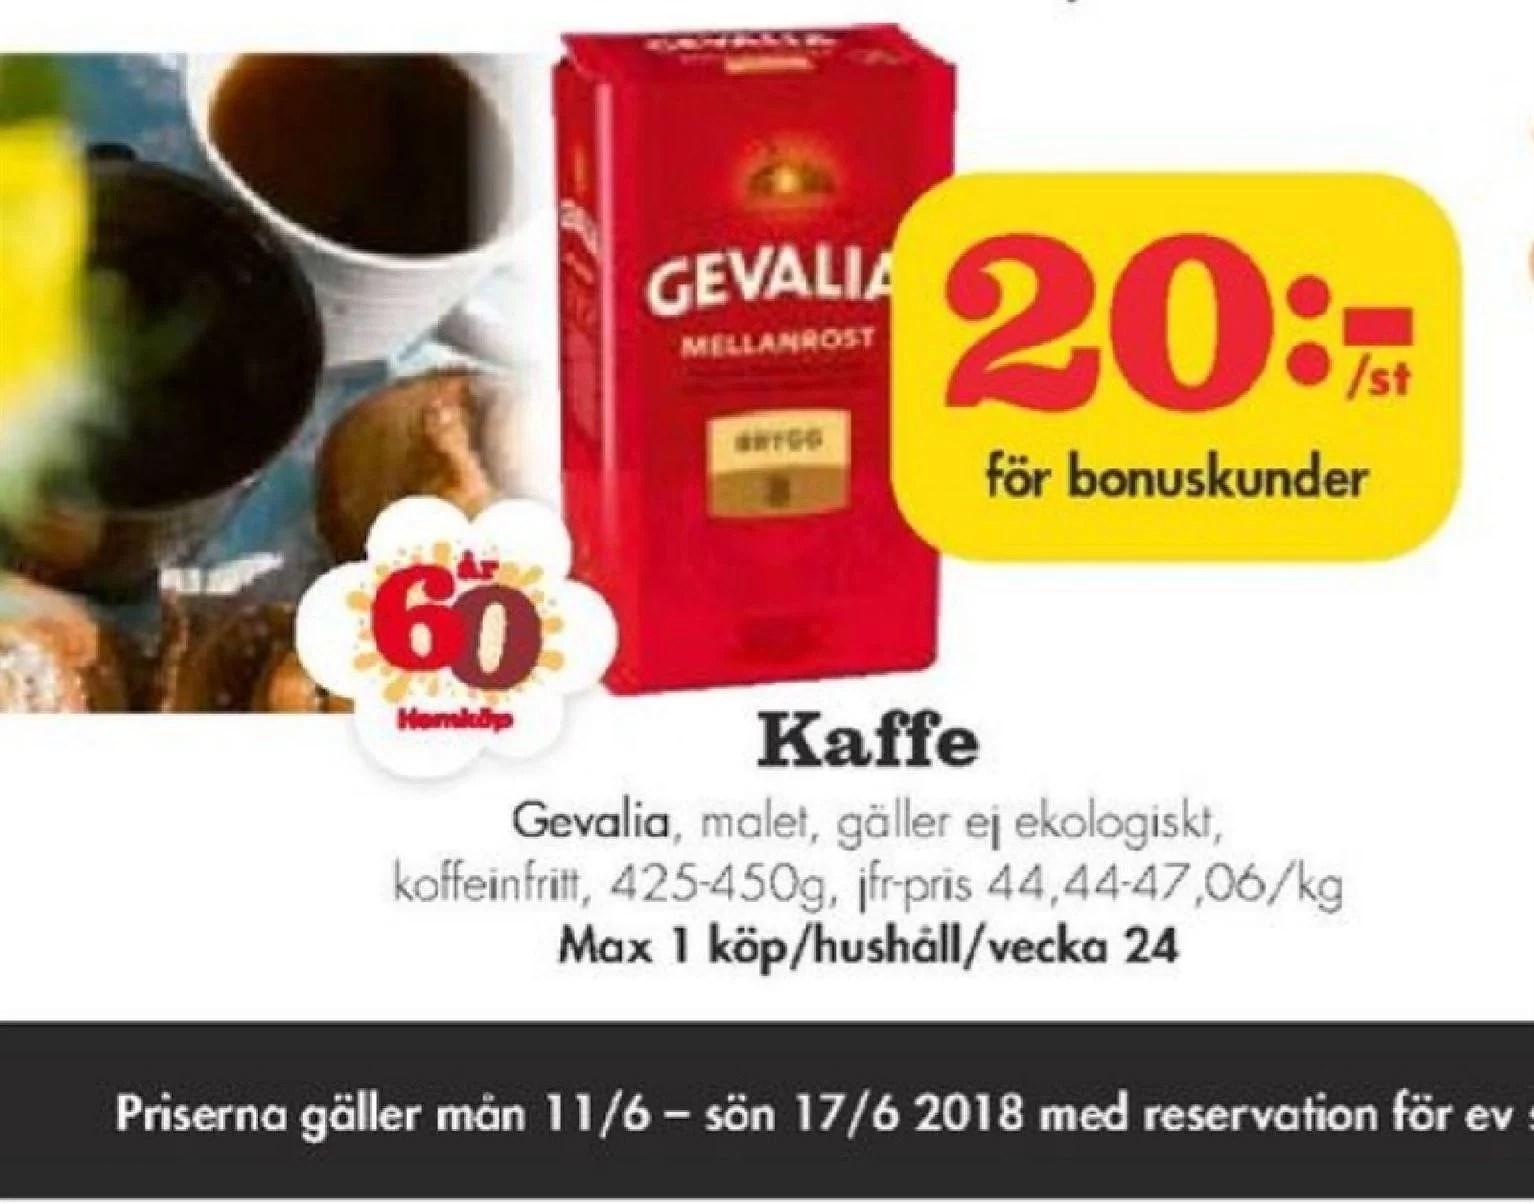 Bra kaffe klipp med kuponger nästa vecka.. Plus bra att ha Arlakuponger